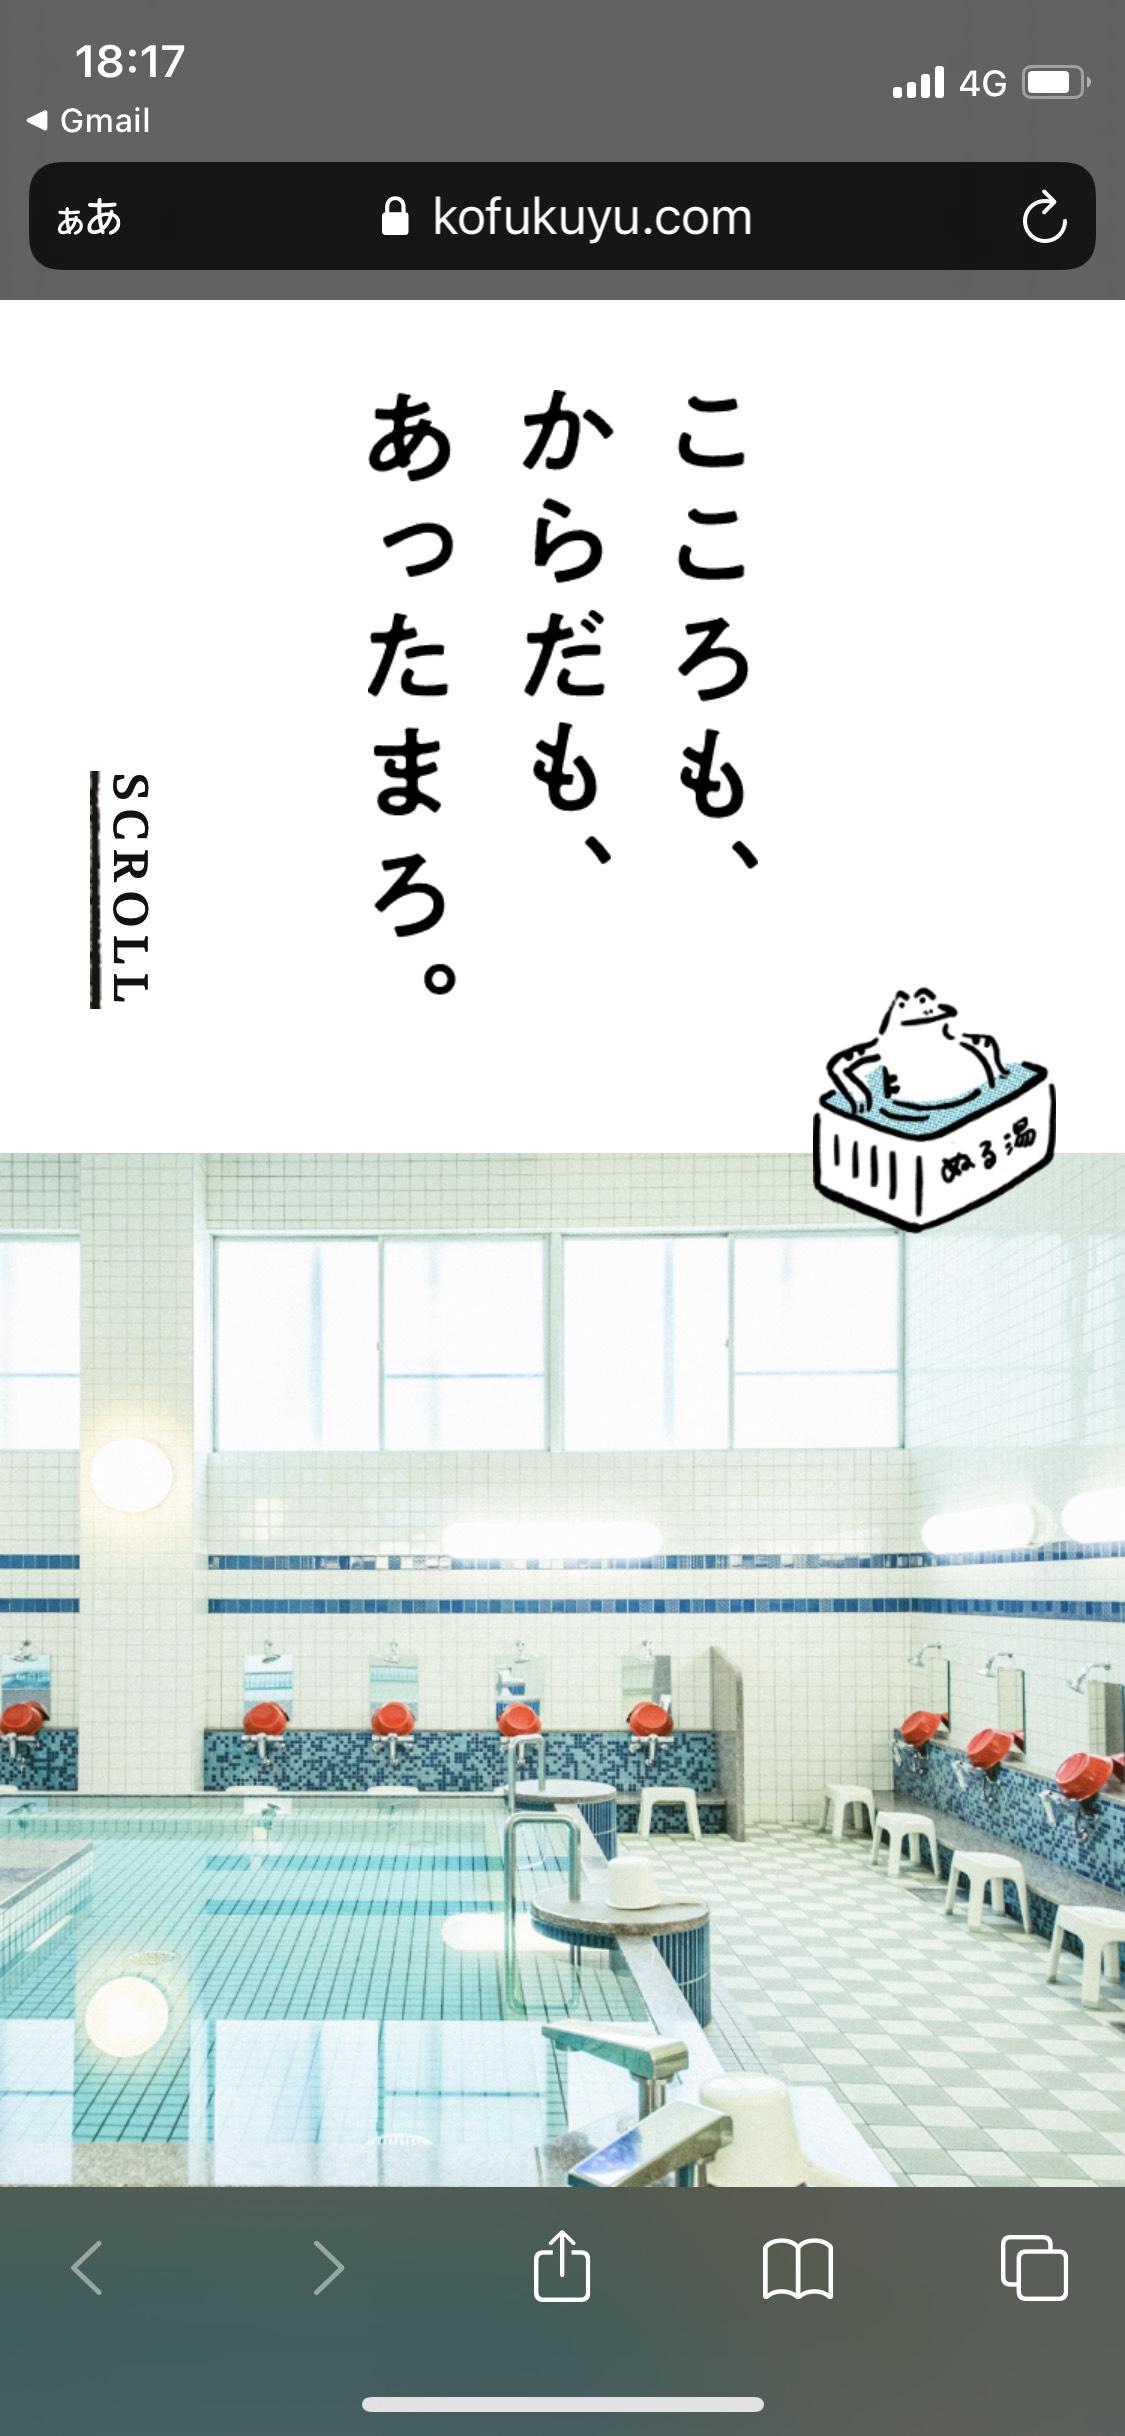 幸福湯|和歌山市にある小さな銭湯のサイト